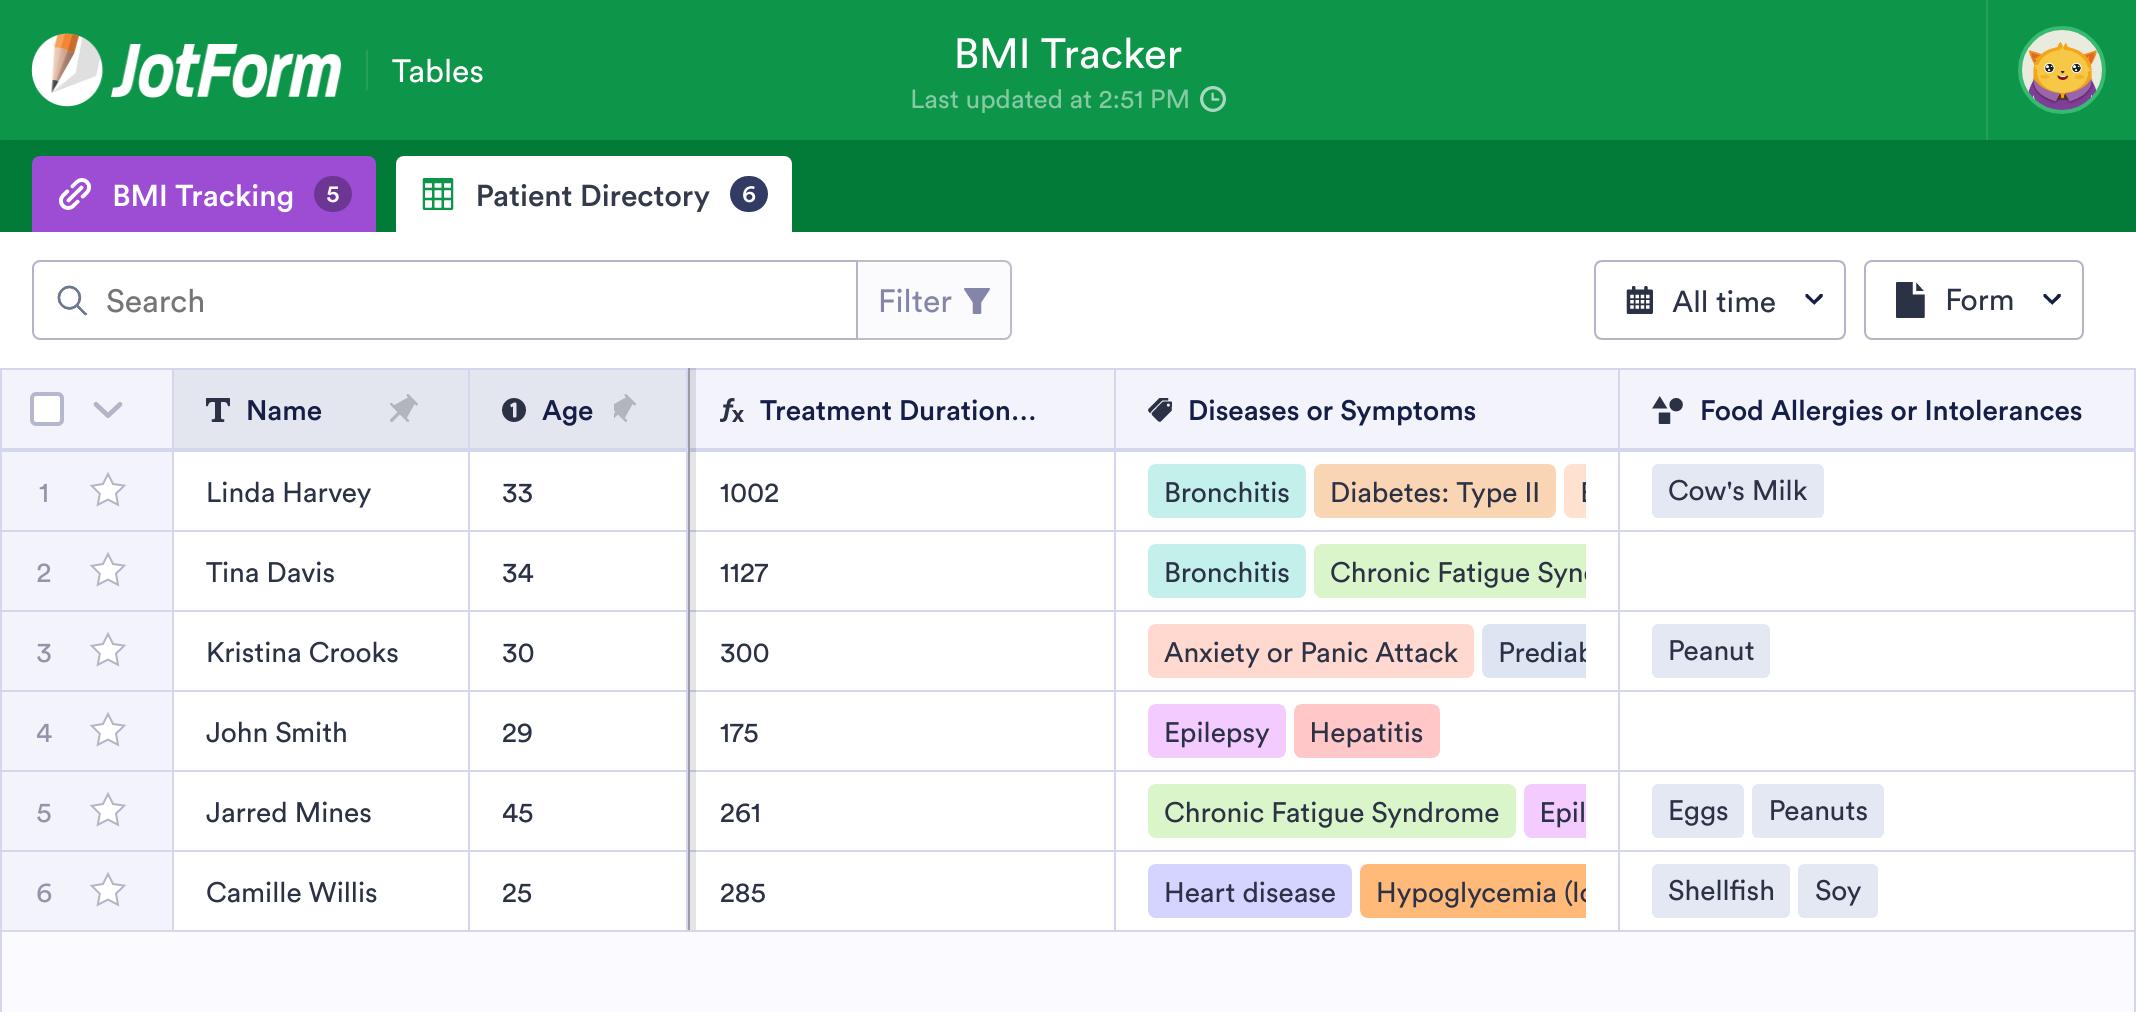 BMI Tracker